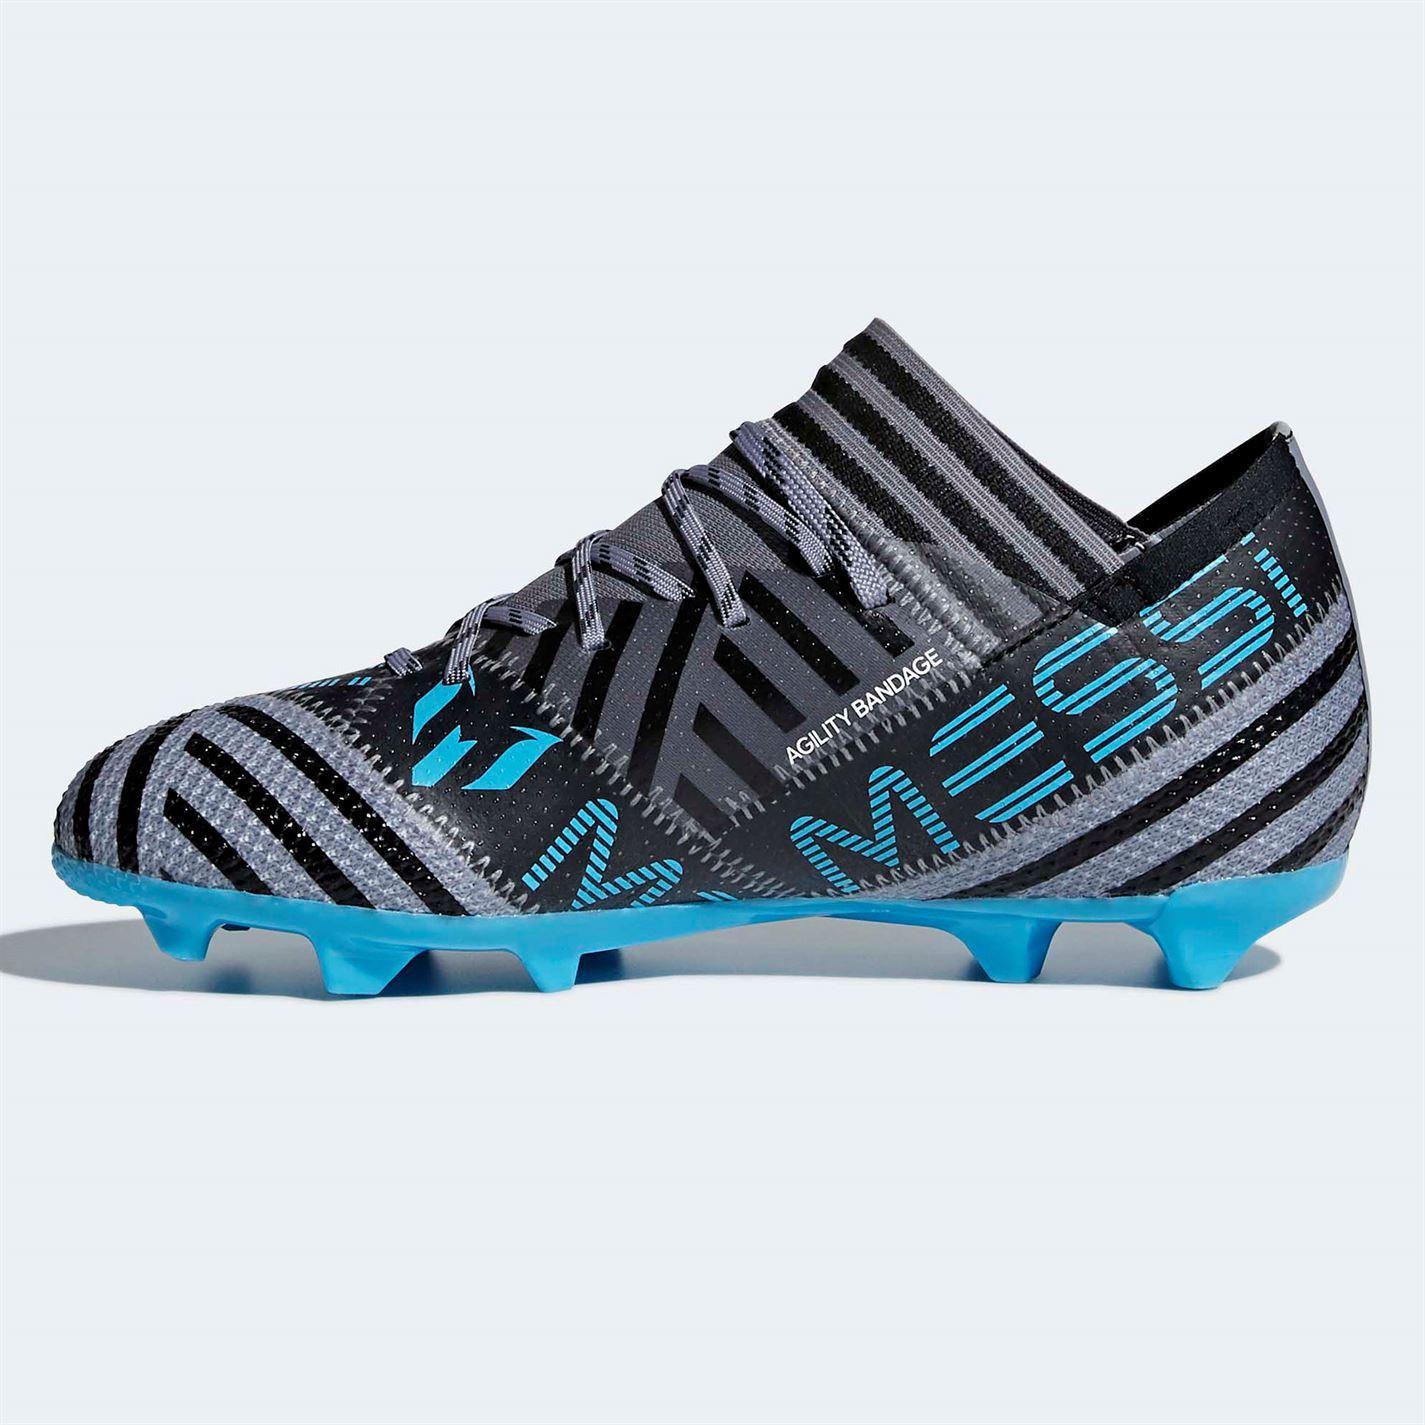 Détails sur Adidas Nemeziz Messi 17.1 Fg Football Bottes Juniors Gris Blk Chaussures Cale